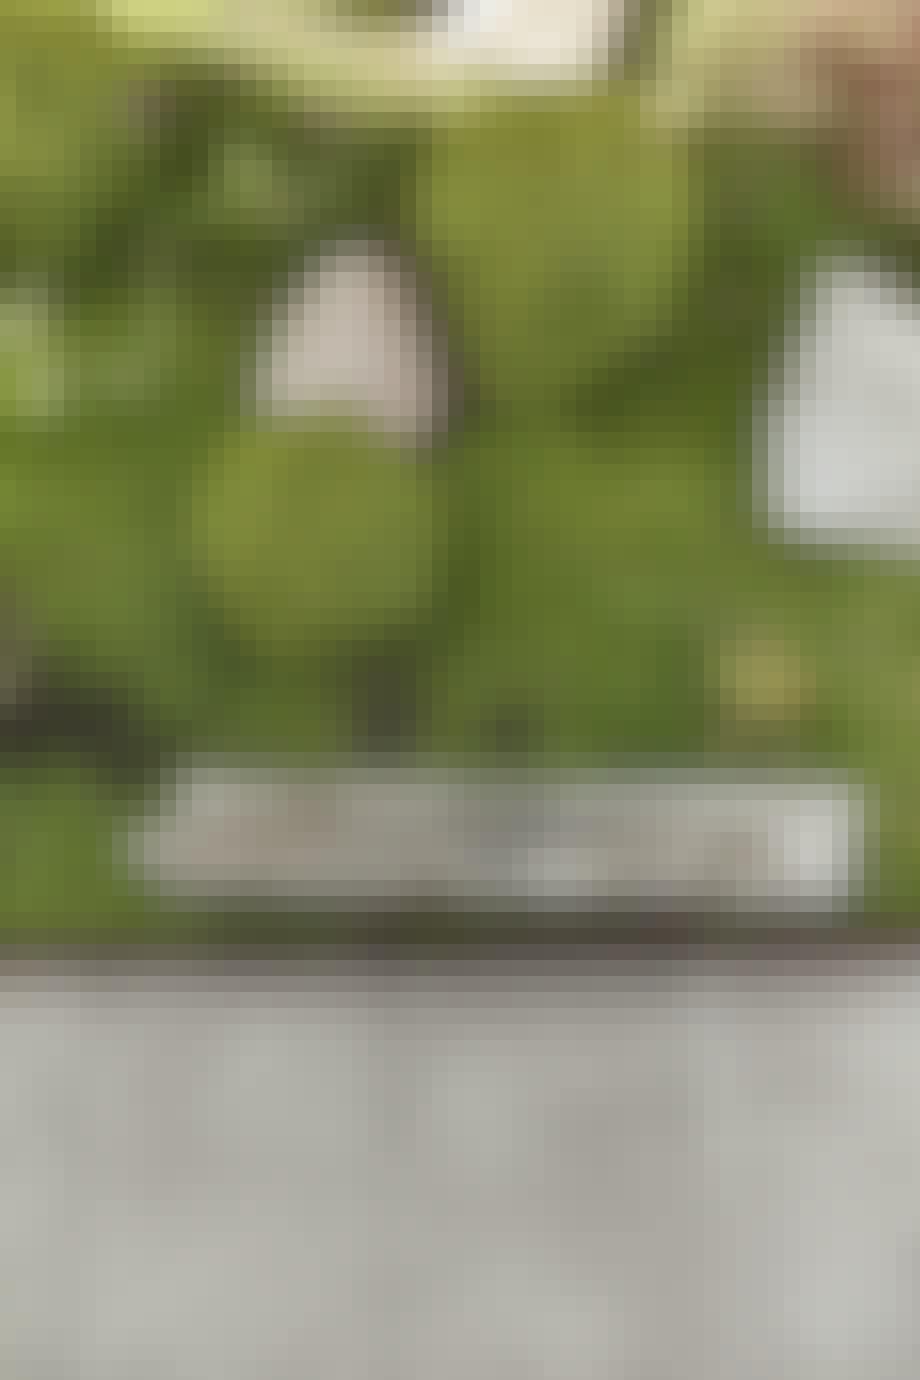 Trædebregner, buksbomkugler, granitsten og drivtømmer